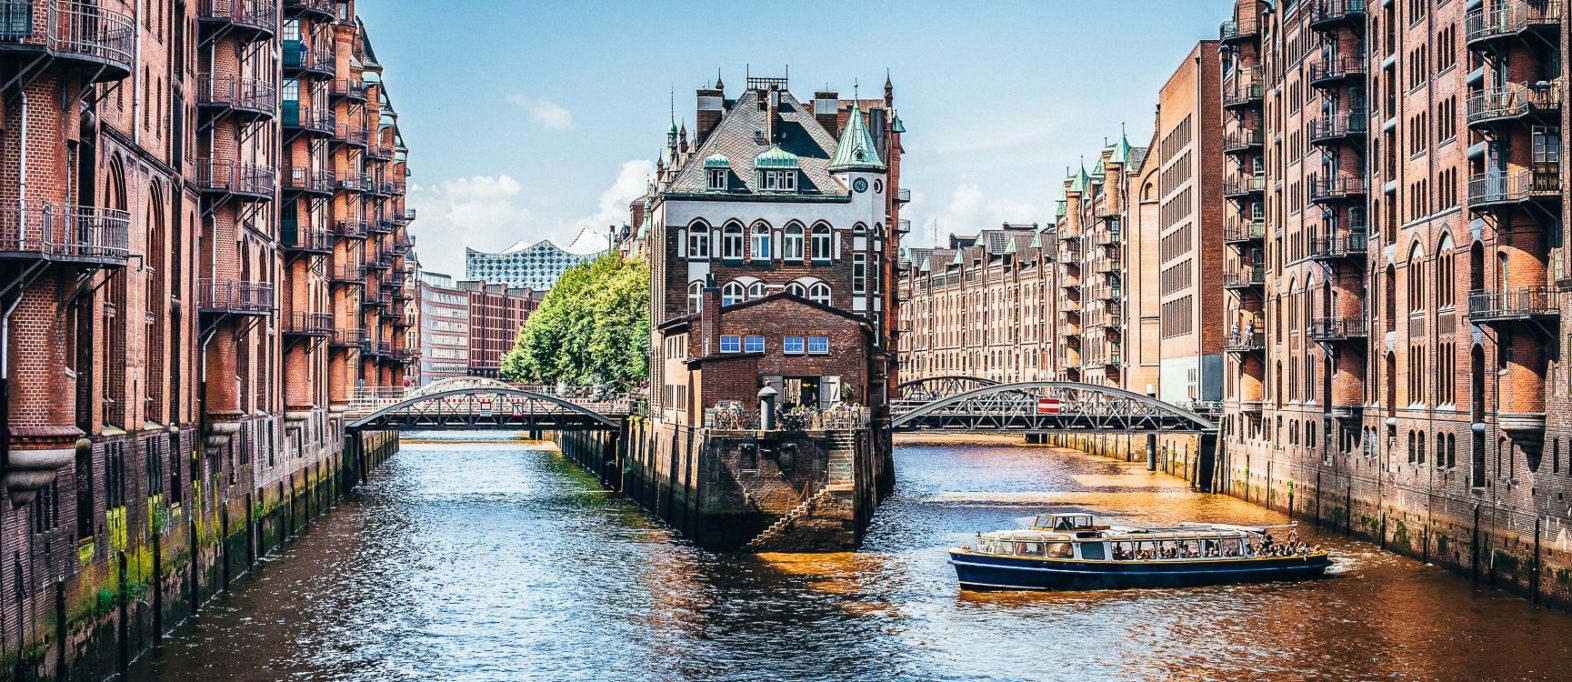 Packliste Städtetrip: Checkliste für deinen nächsten Kurzurlaub